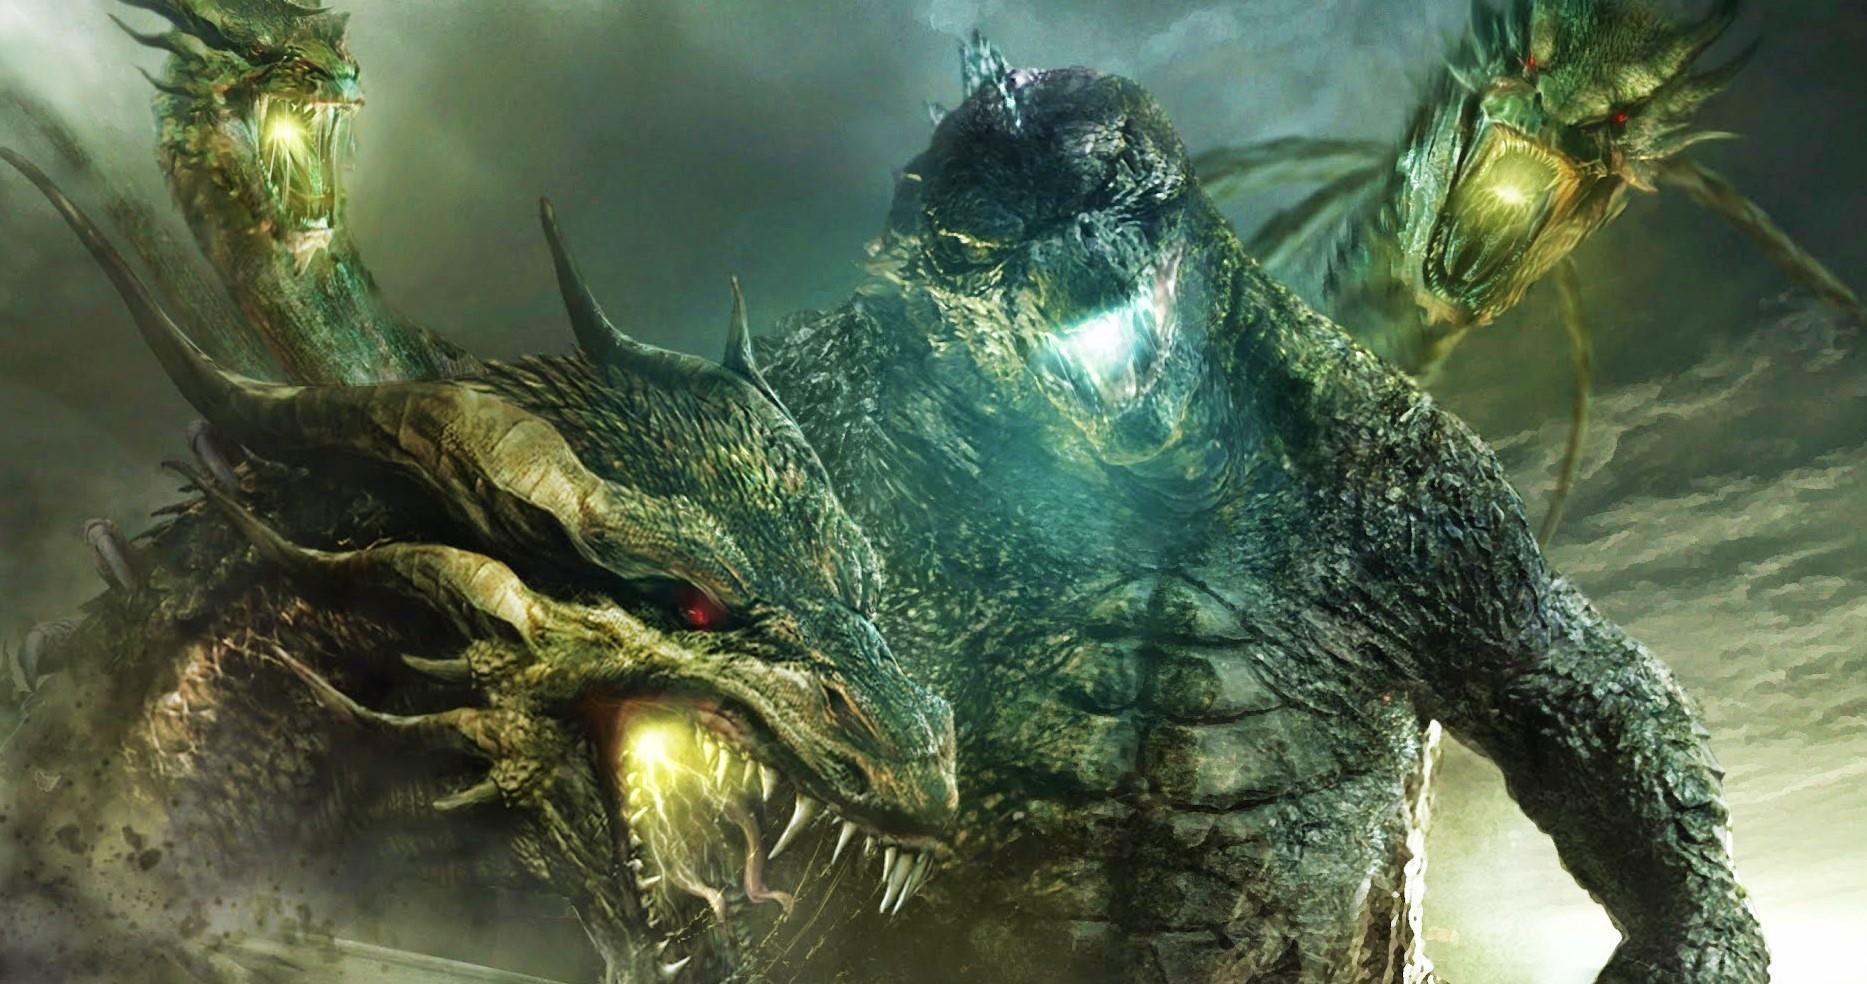 Новый кадр из «Годзиллы 2» с трёхглавым Королём Гидорой